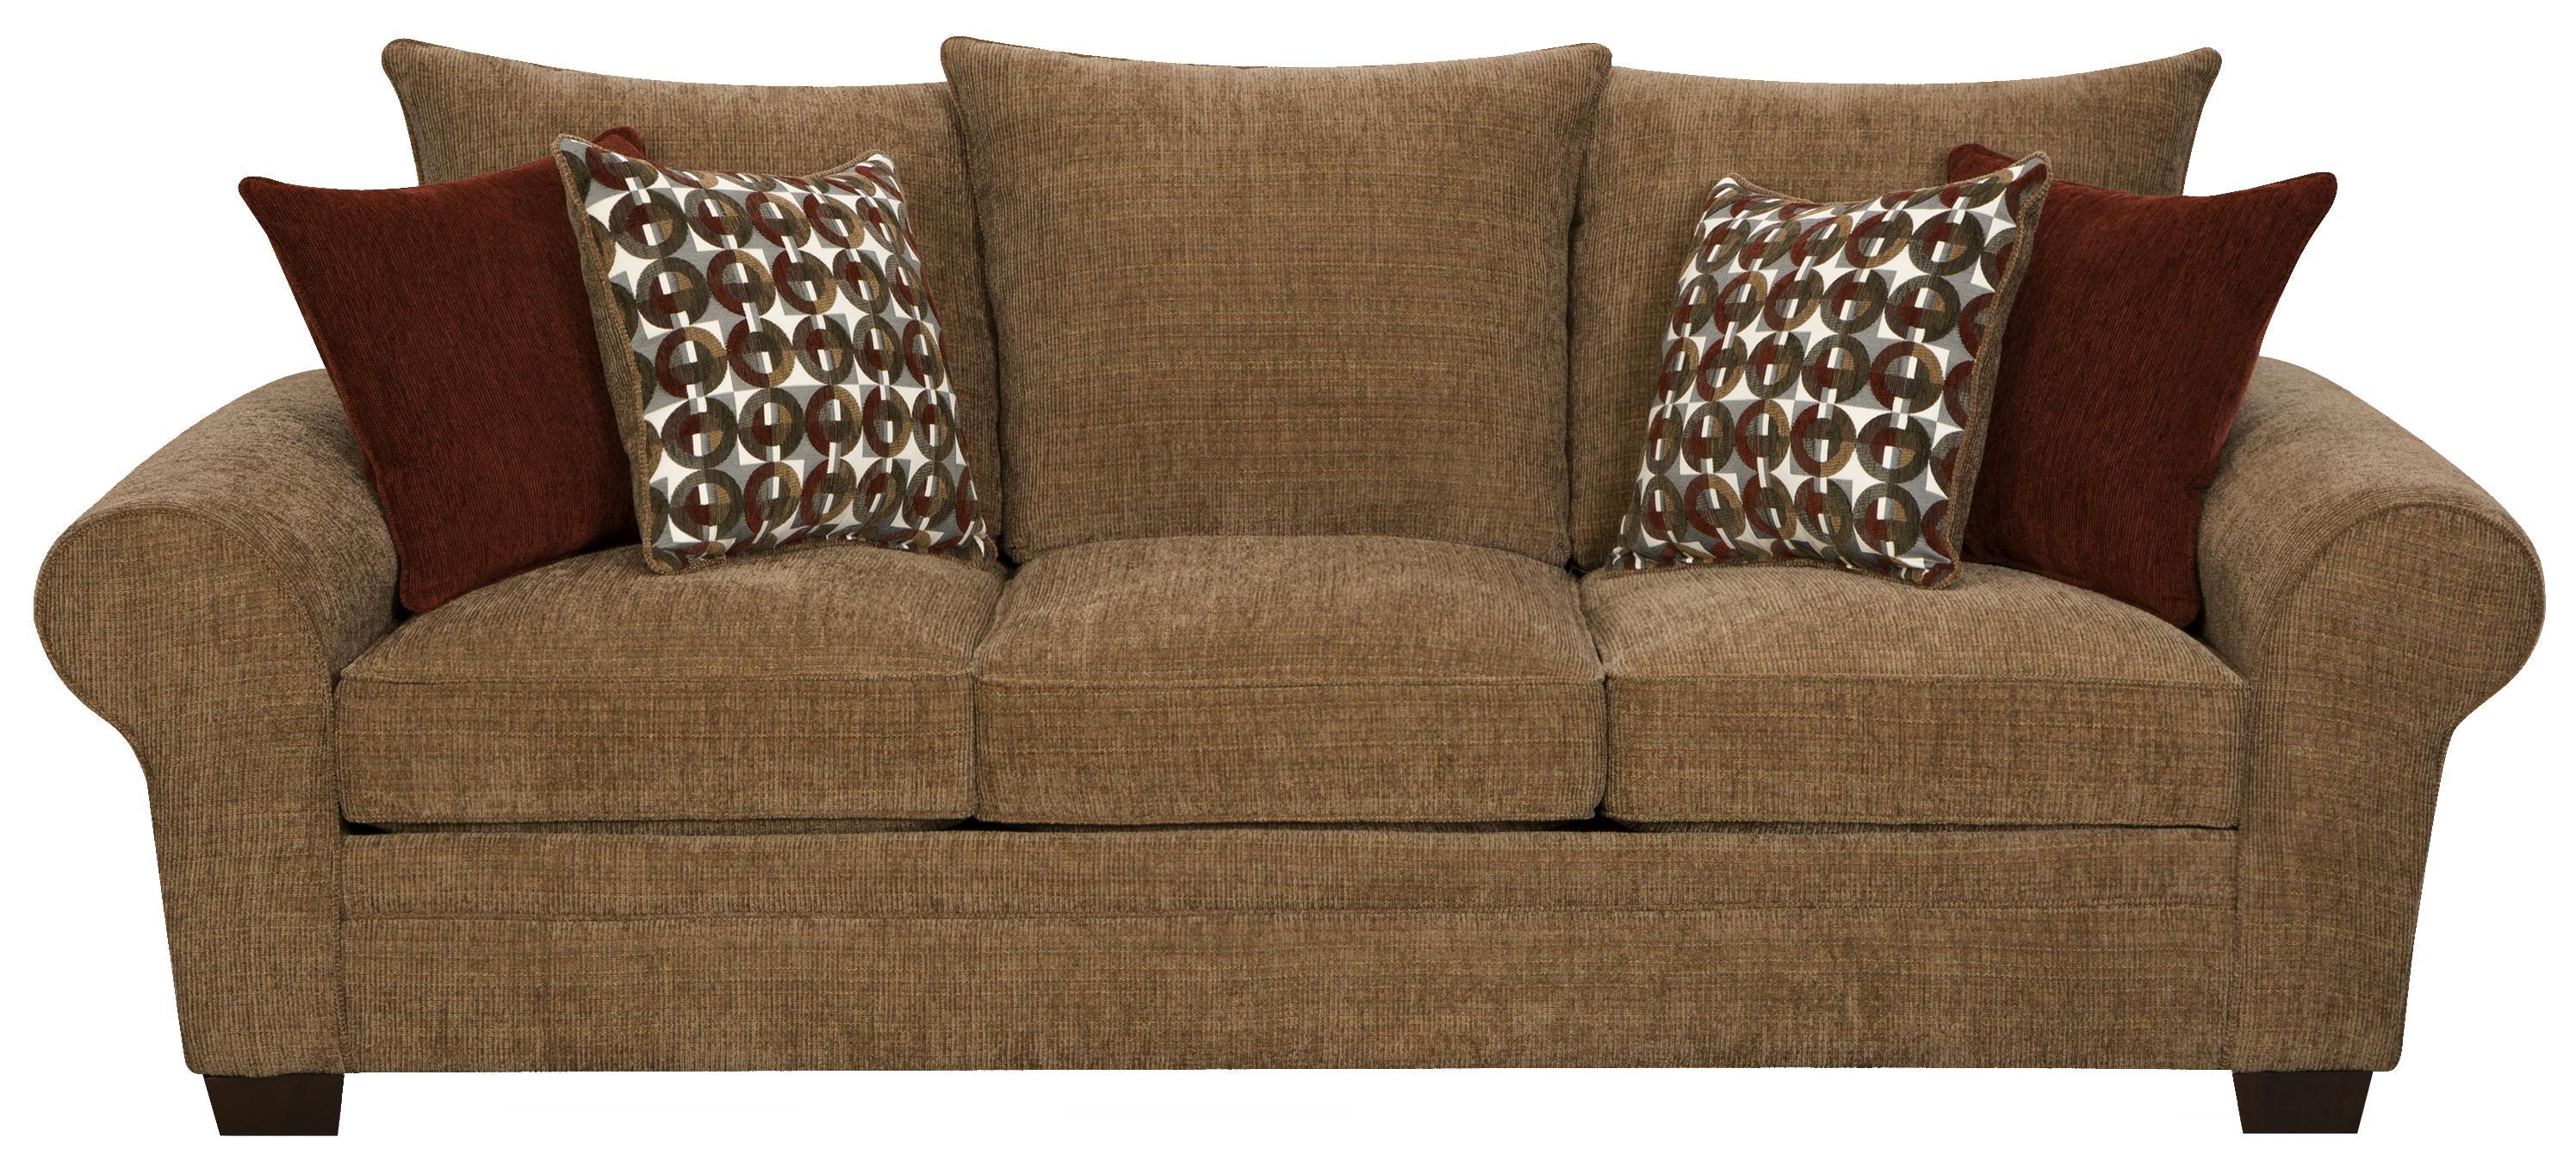 Corinthian 5460 Sofa - Item Number: 5463